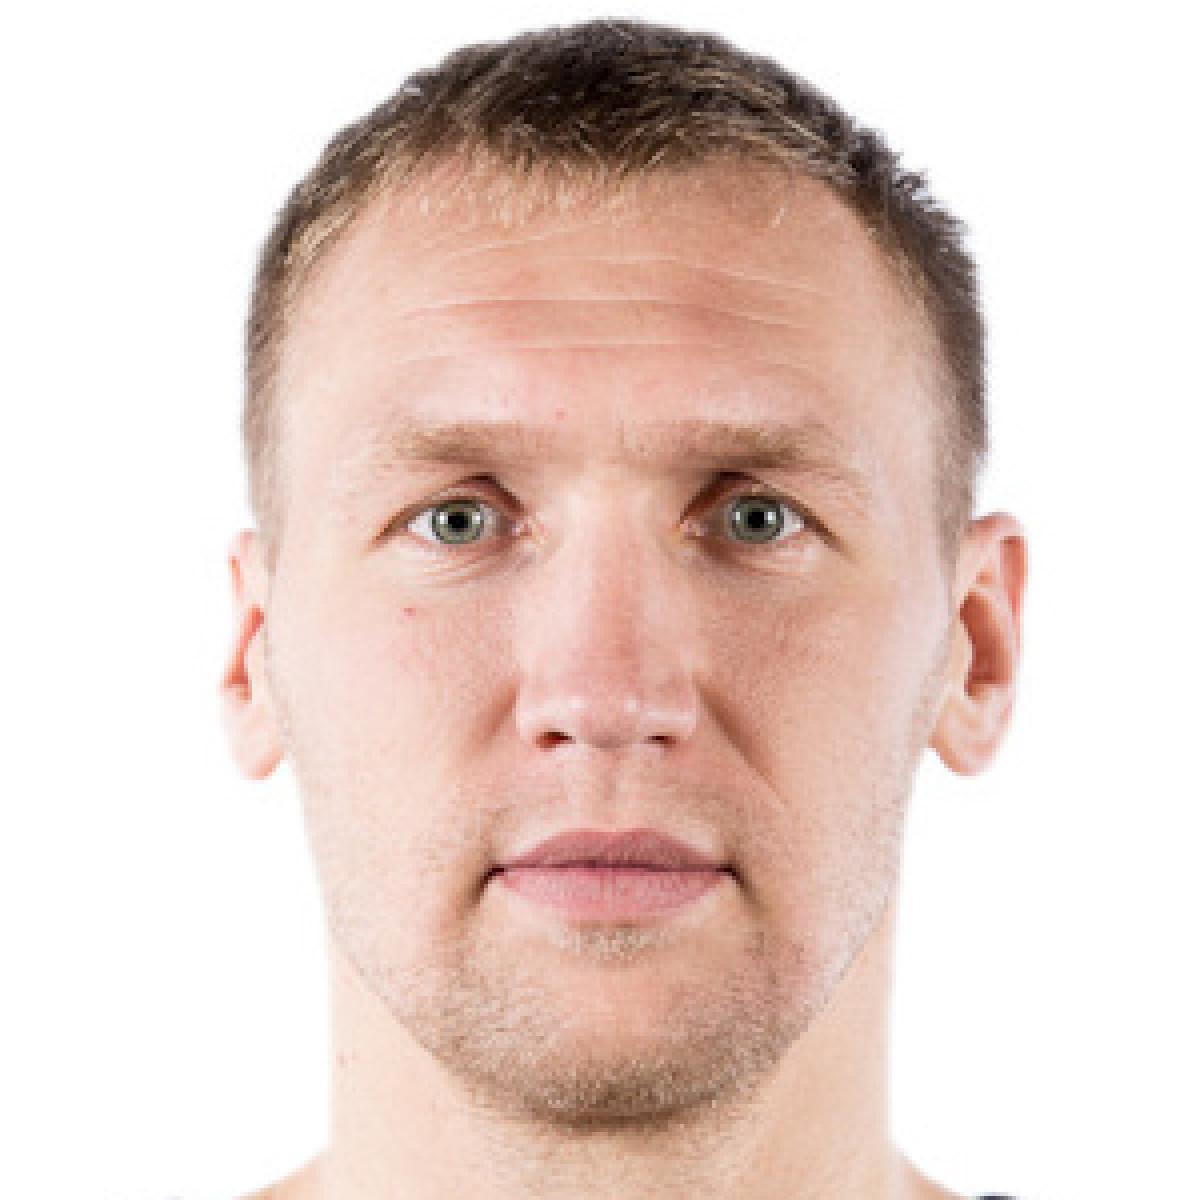 Arturs Strelnieks